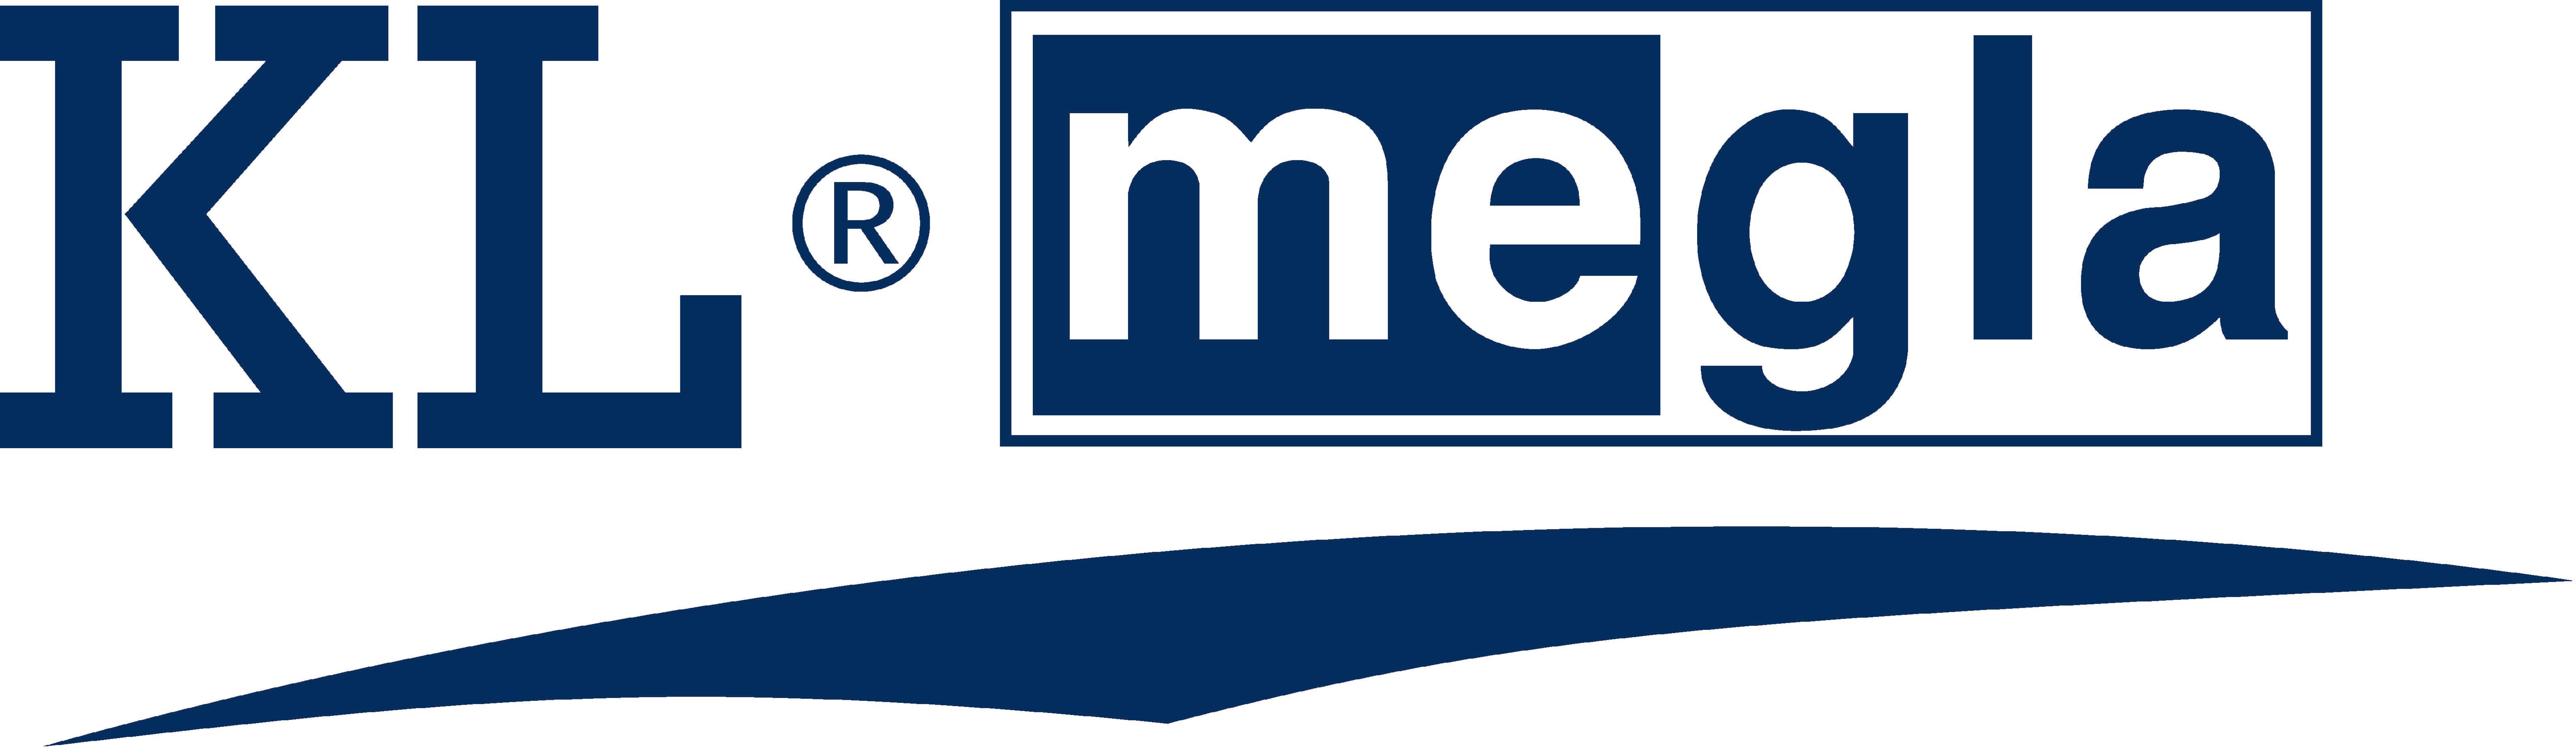 logo klmegla